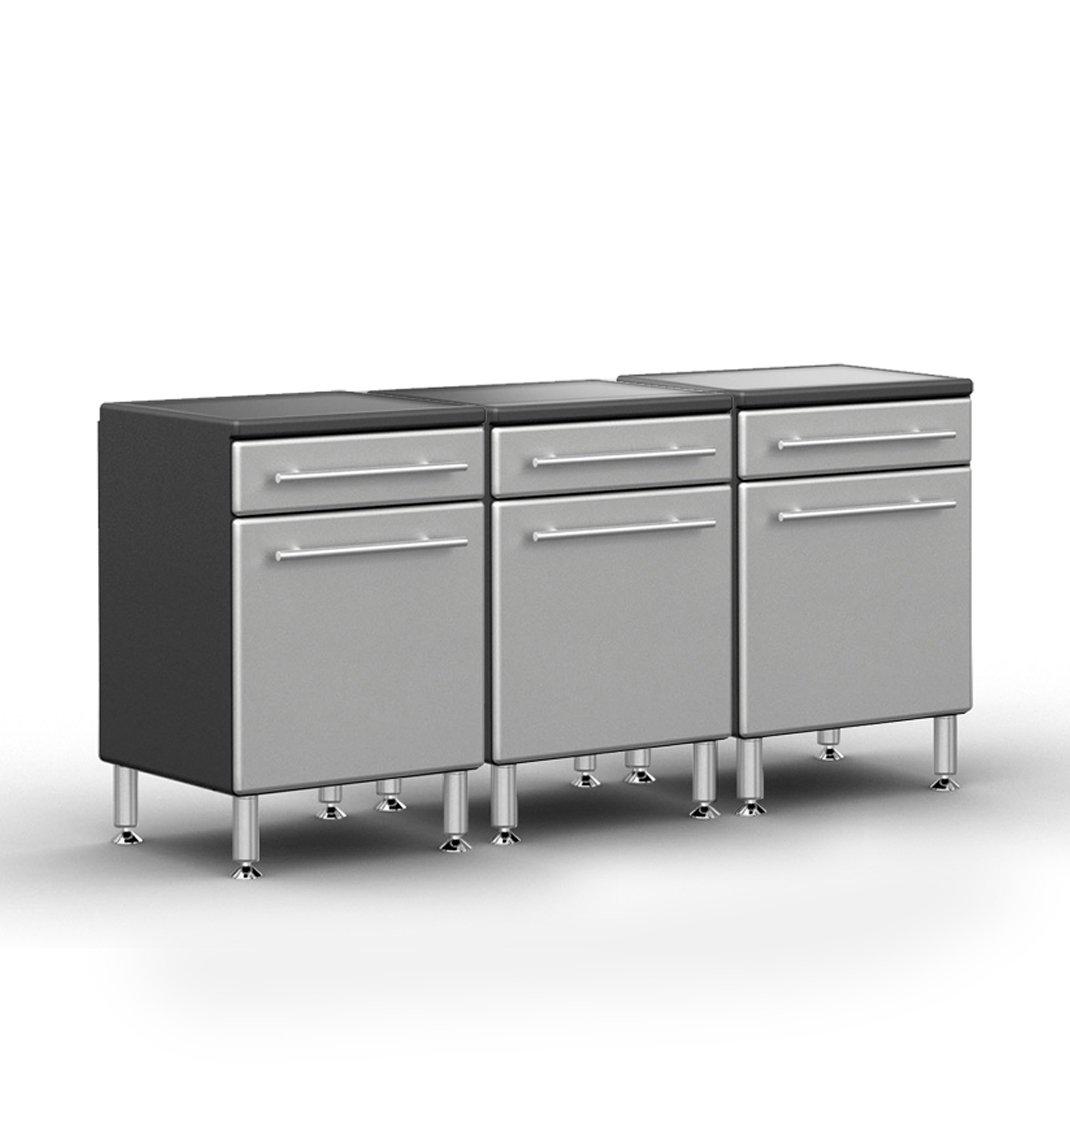 Ulti-MATE Garage PRO 1-Drawer 1-Door Base Cabinet Package